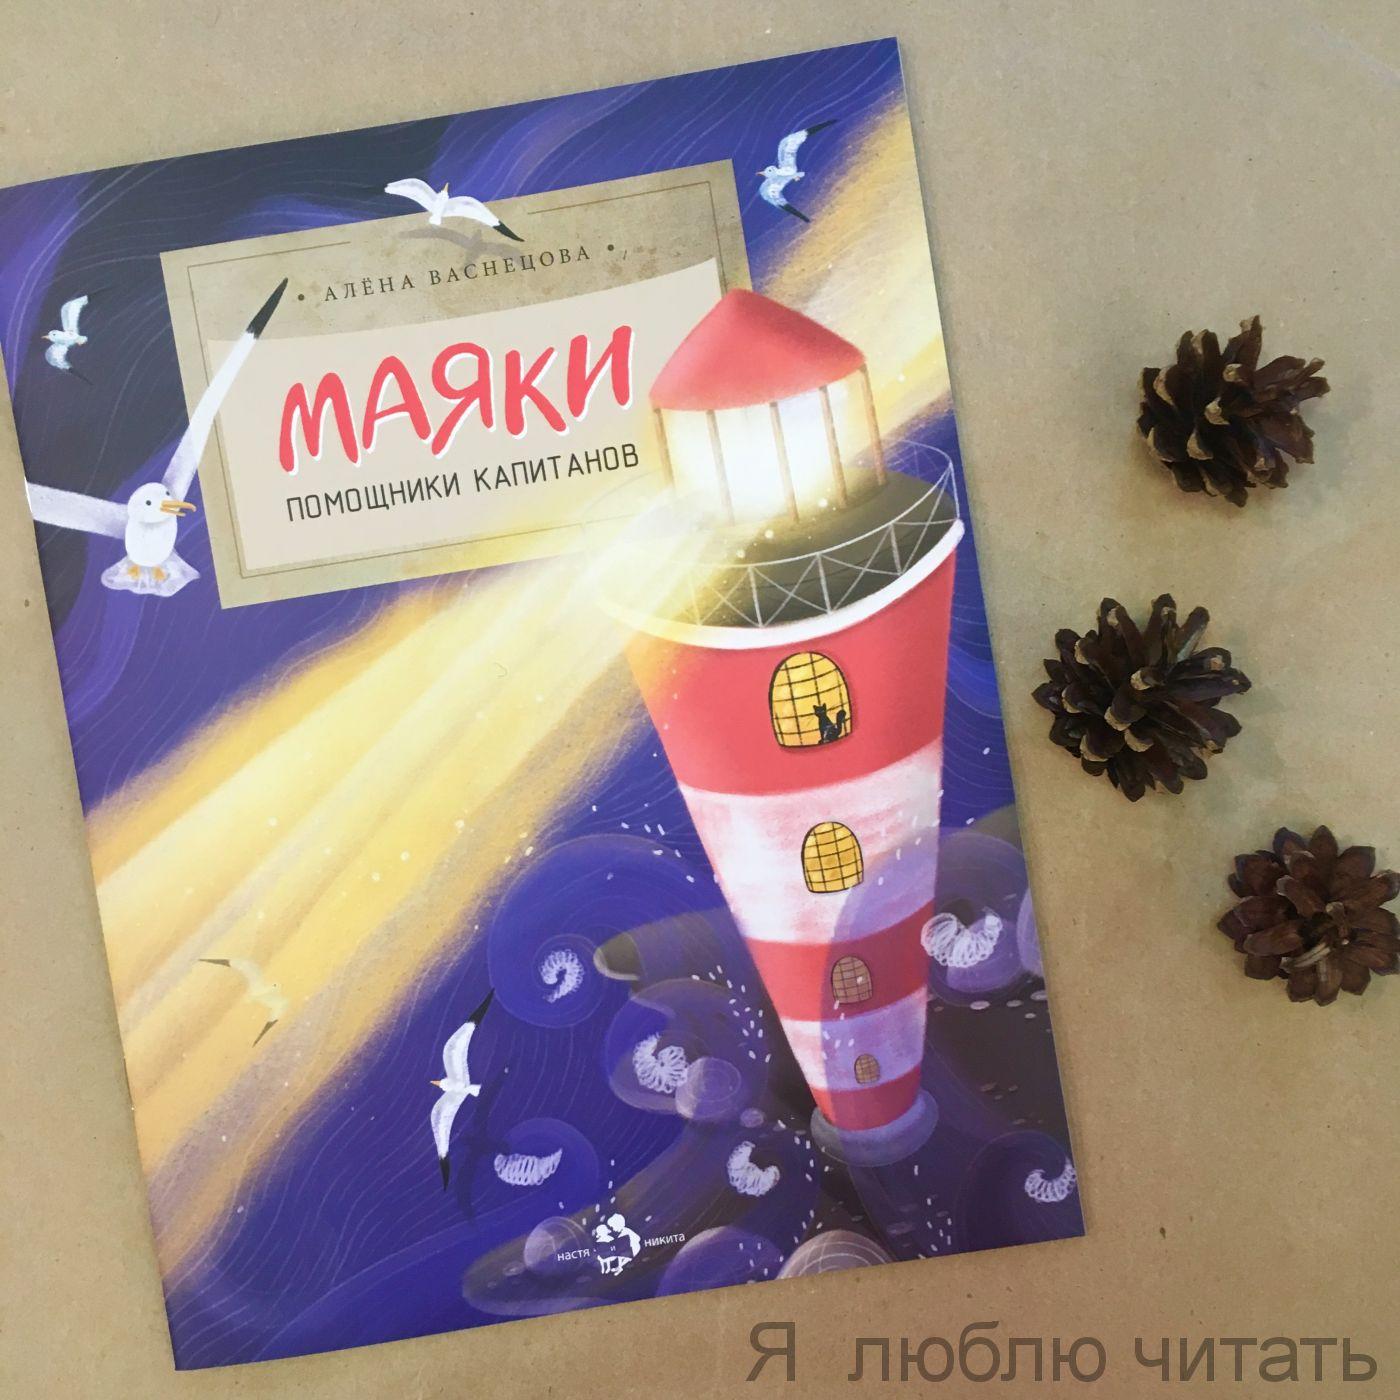 Книга «Маяки. Помощники капитанов»